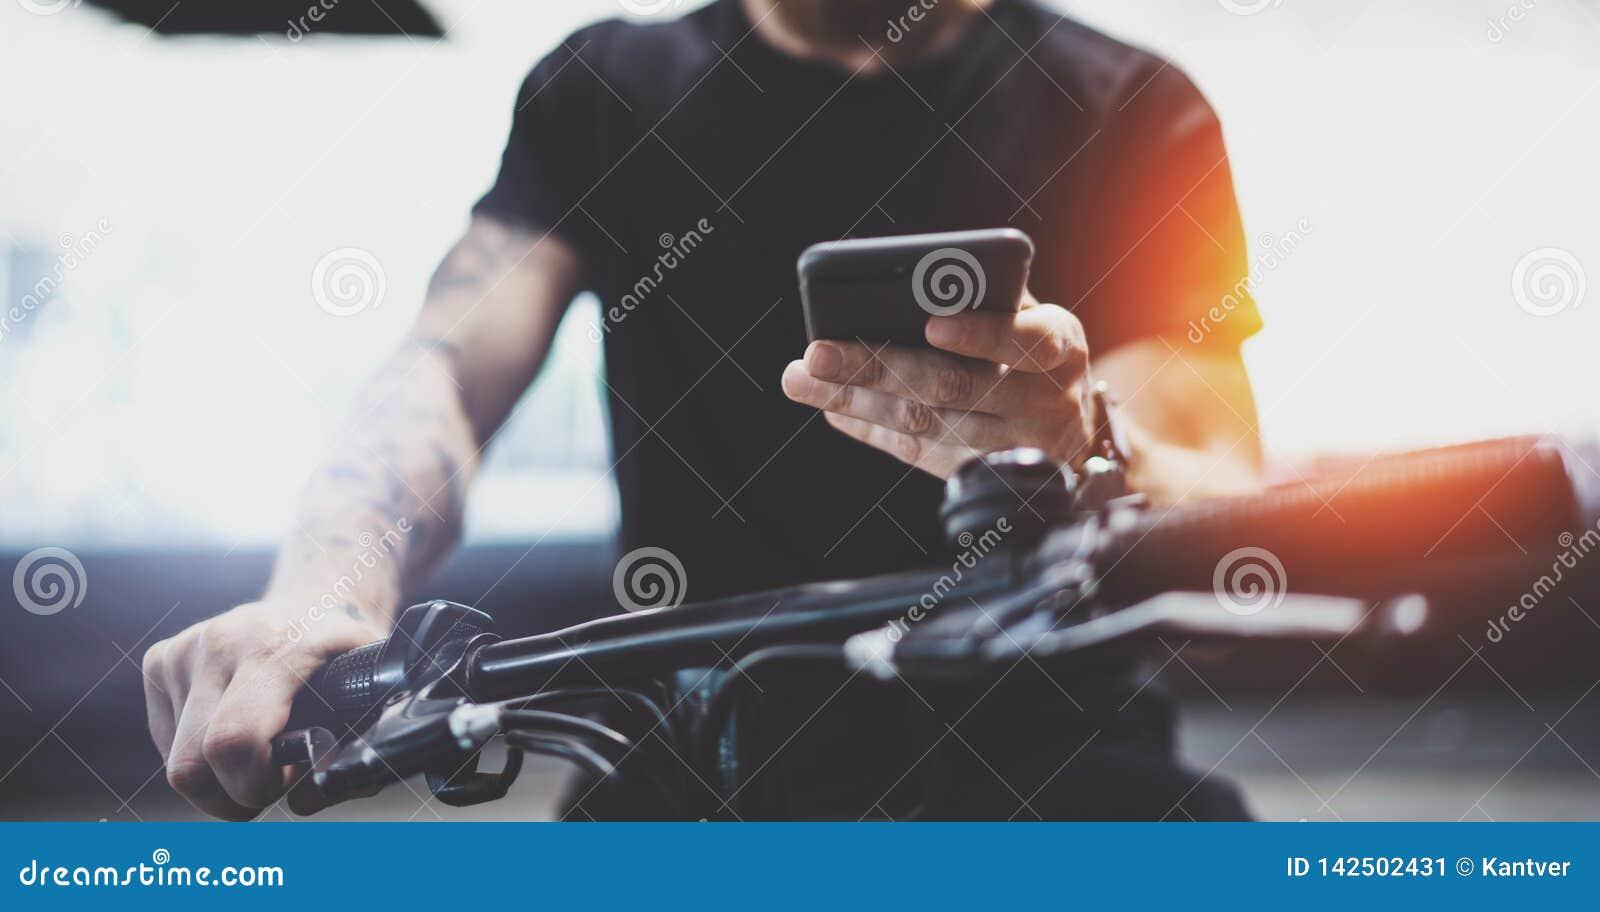 Telefone celular muscular Tattooed da terra arrendada do homem nas mãos e em usar o app do mapa para preparar a rota da estrada d